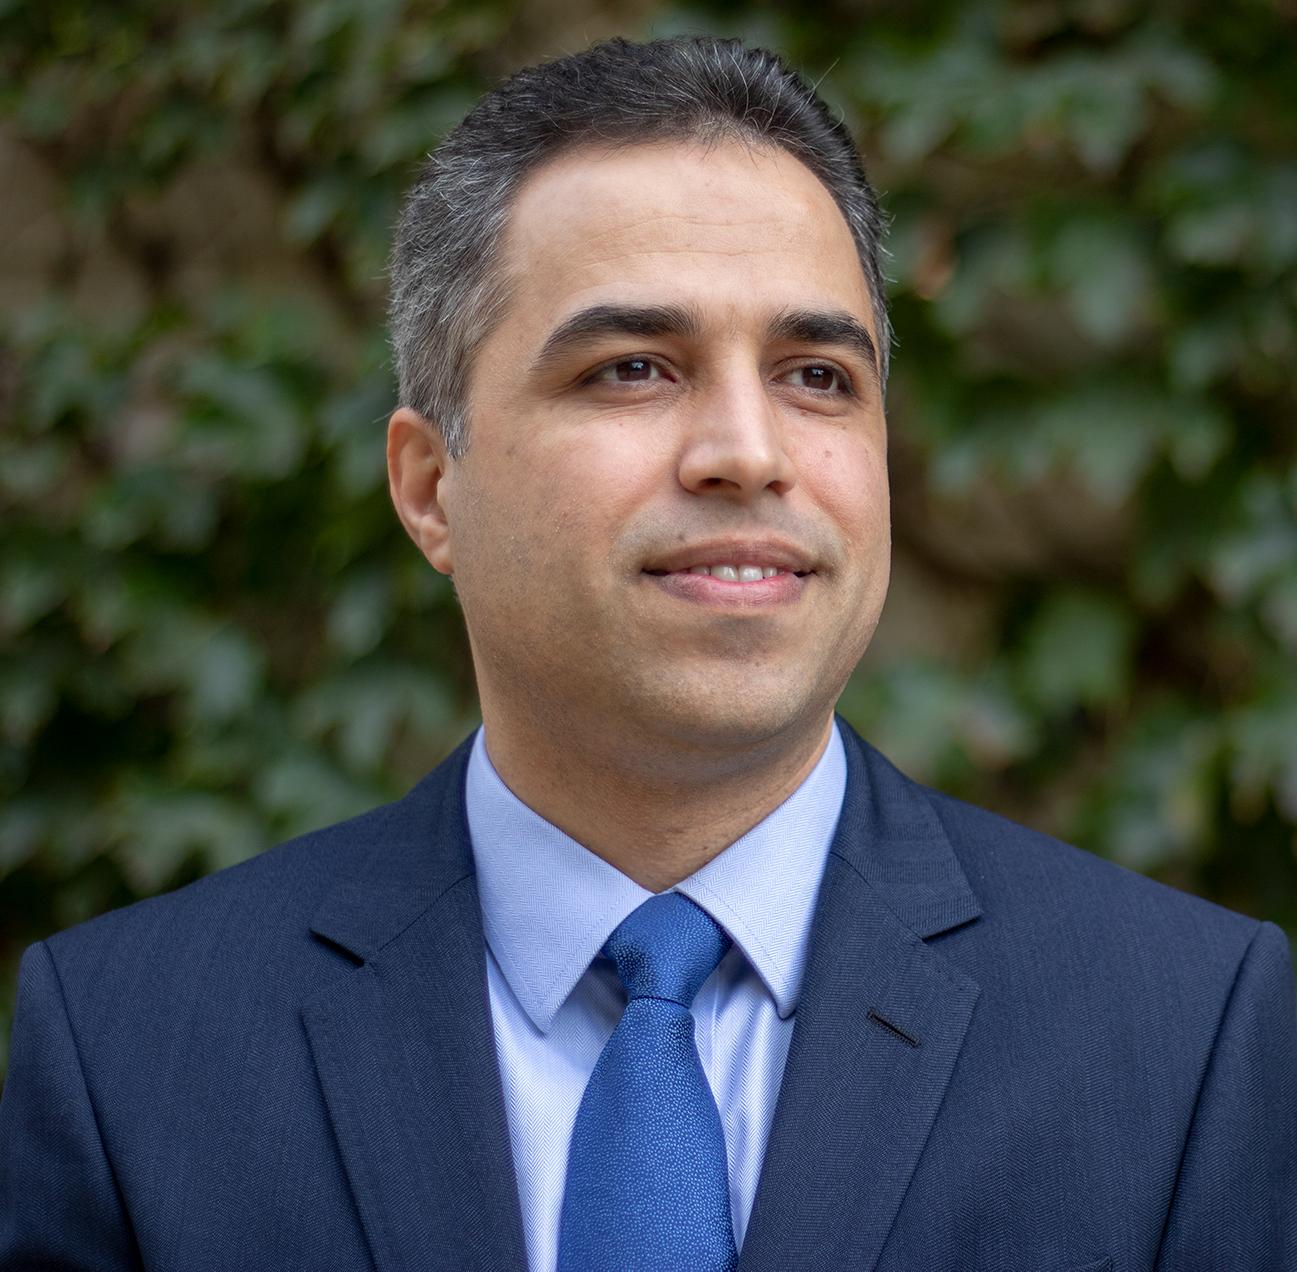 Prof. Saber Moradi